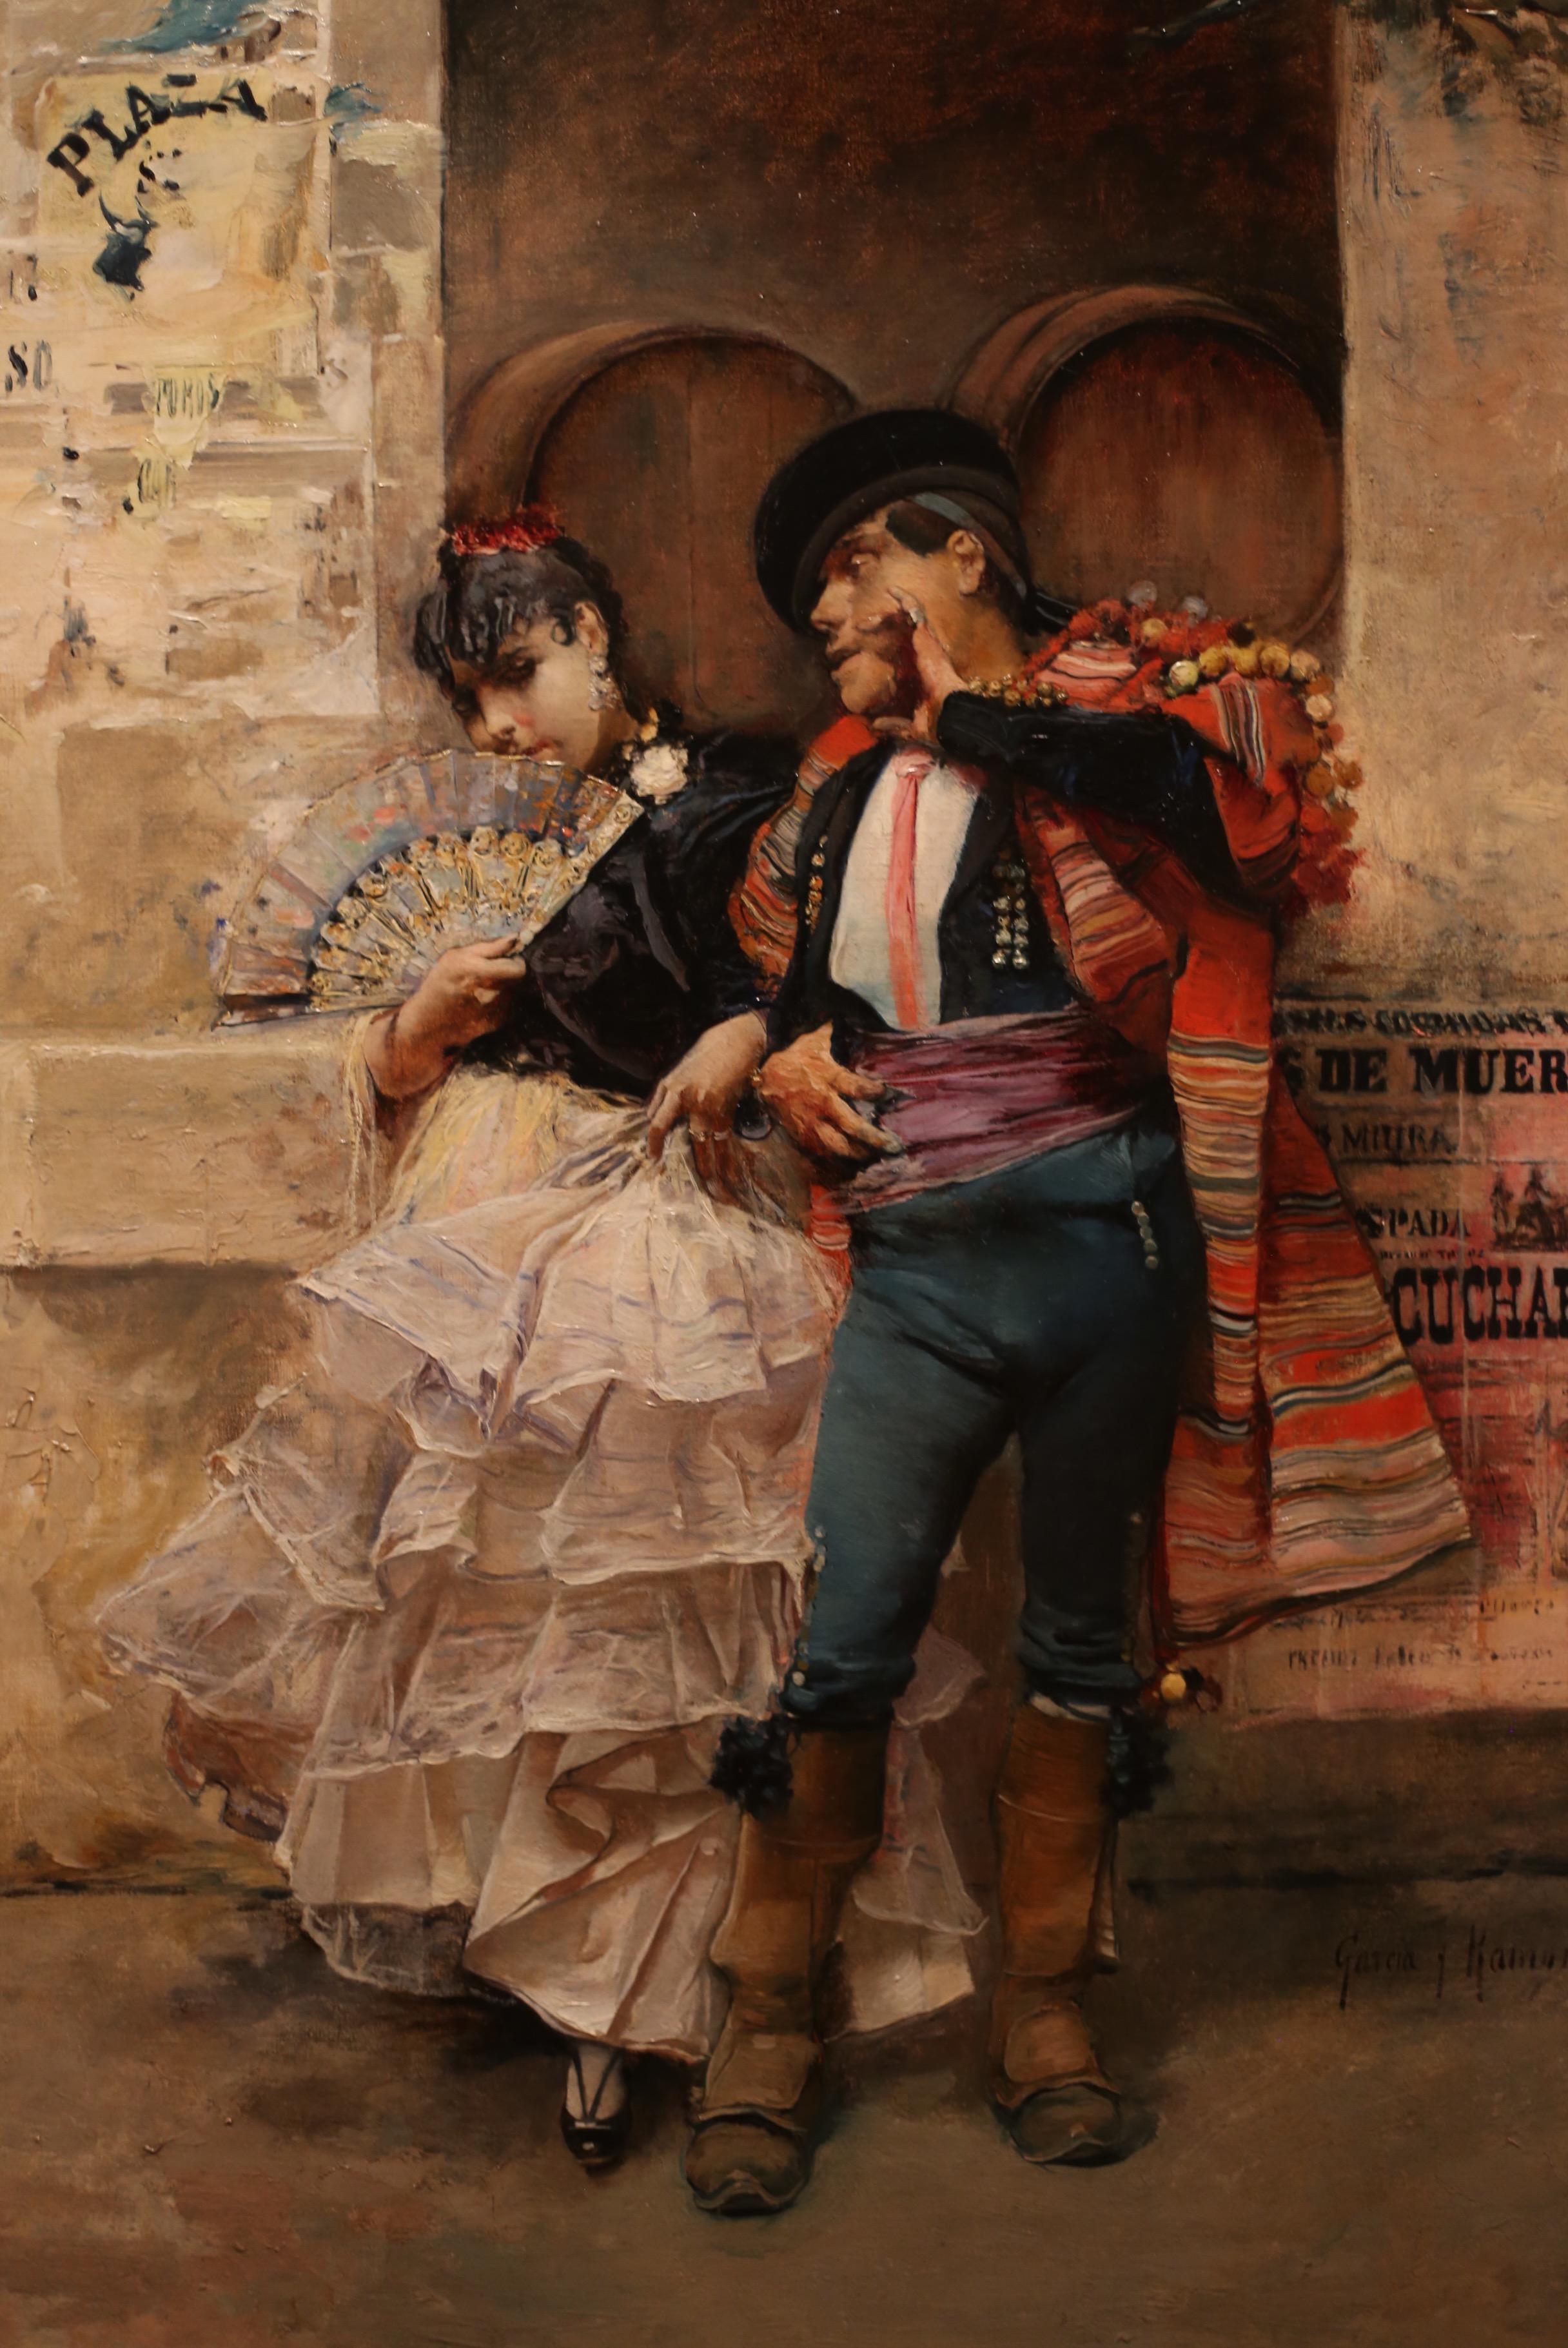 painting of gypsies by Jose Garcia Ramos